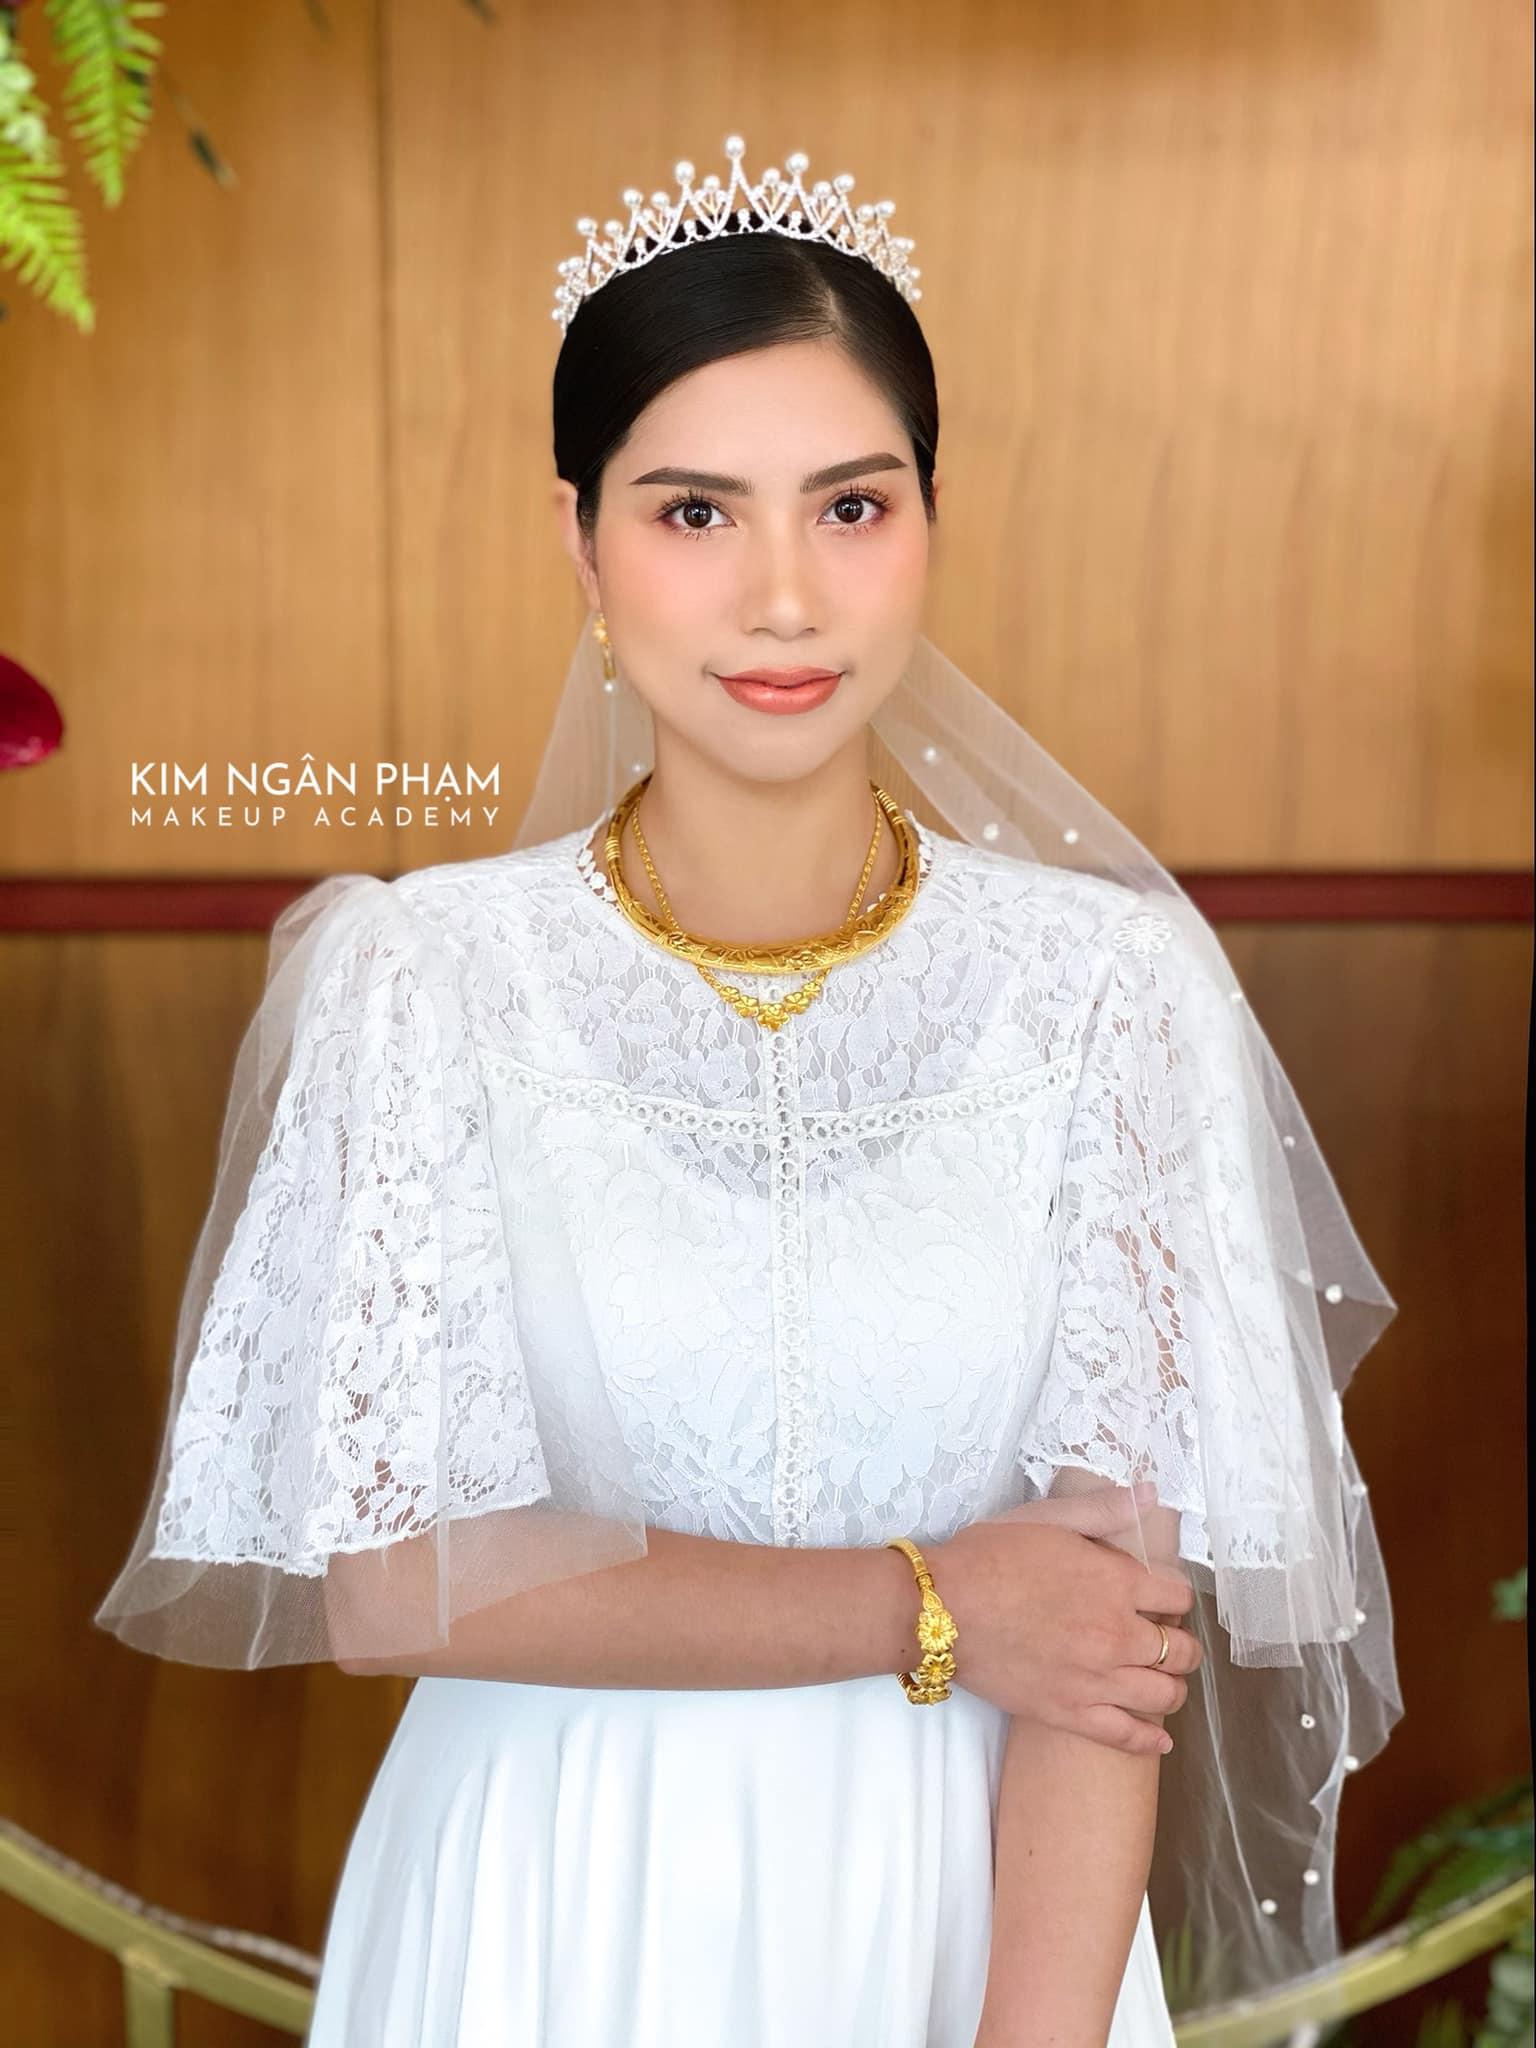 Top 6 tiệm trang điểm cô dâu đẹp nhất tại Bình Dương -  Kim Ngân Phạm Make up